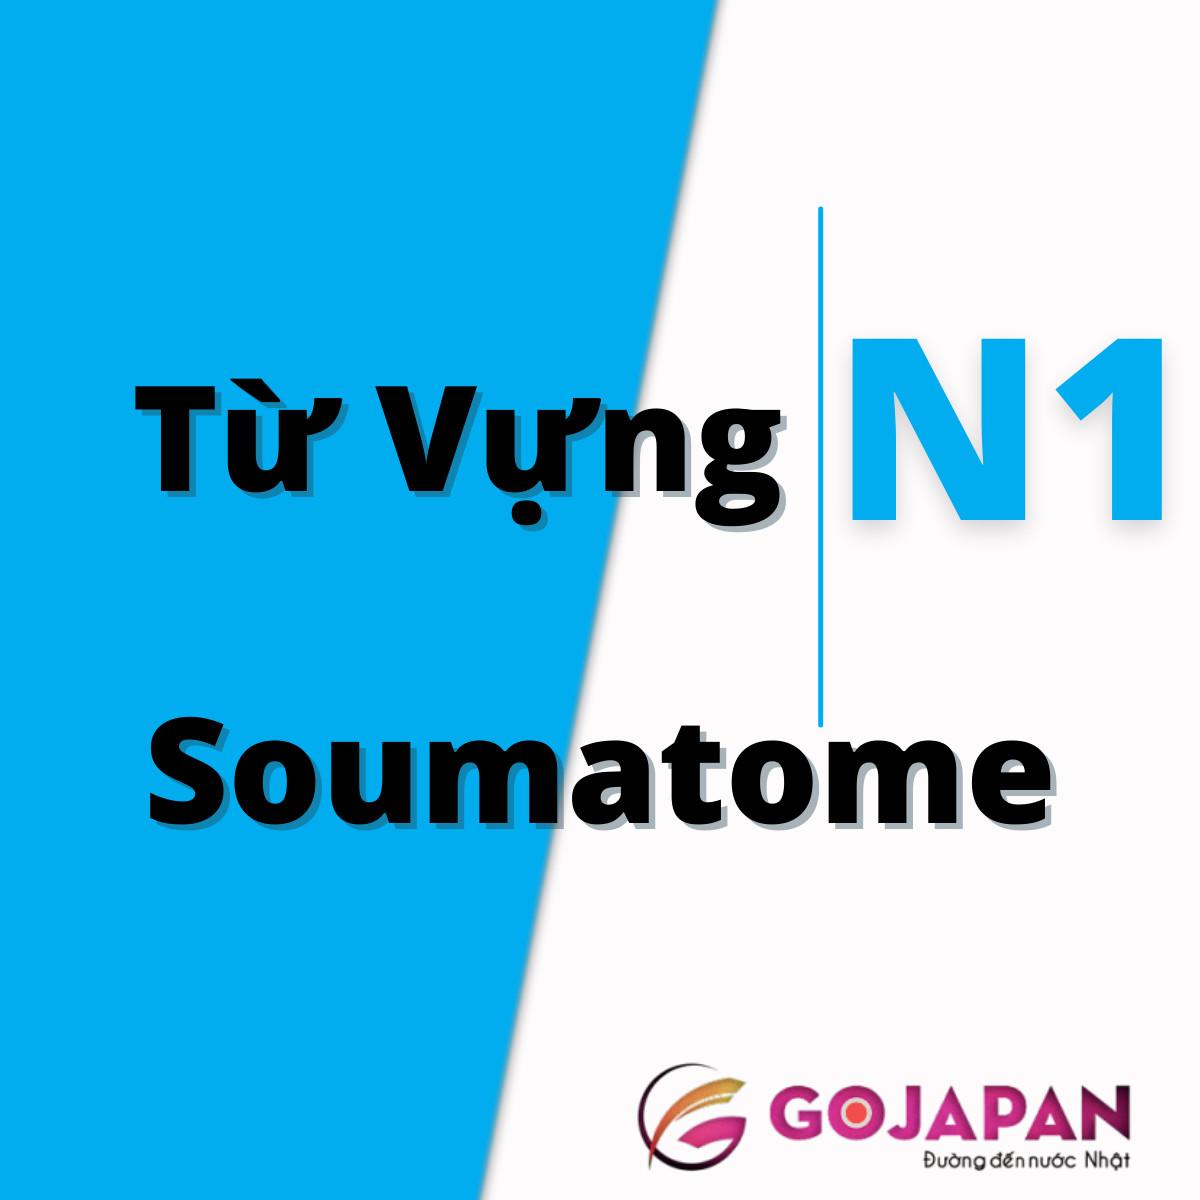 Soumatome N1